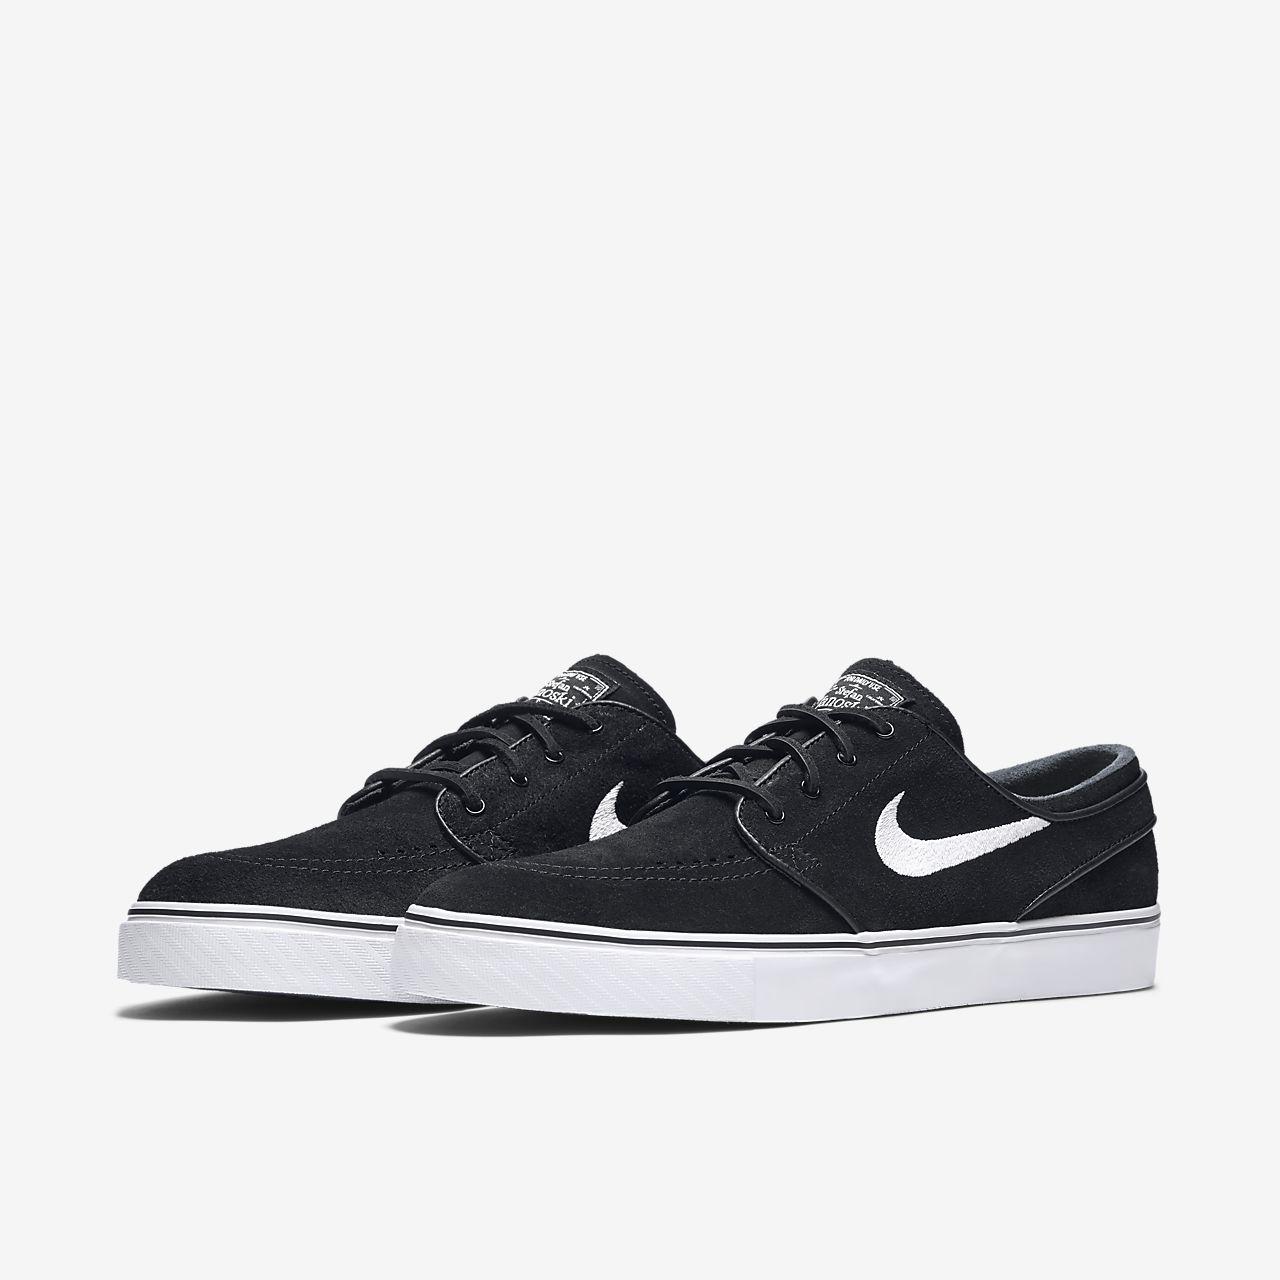 ... Nike SB Zoom Stefan Janoski OG Zapatillas de skateboard - Hombre